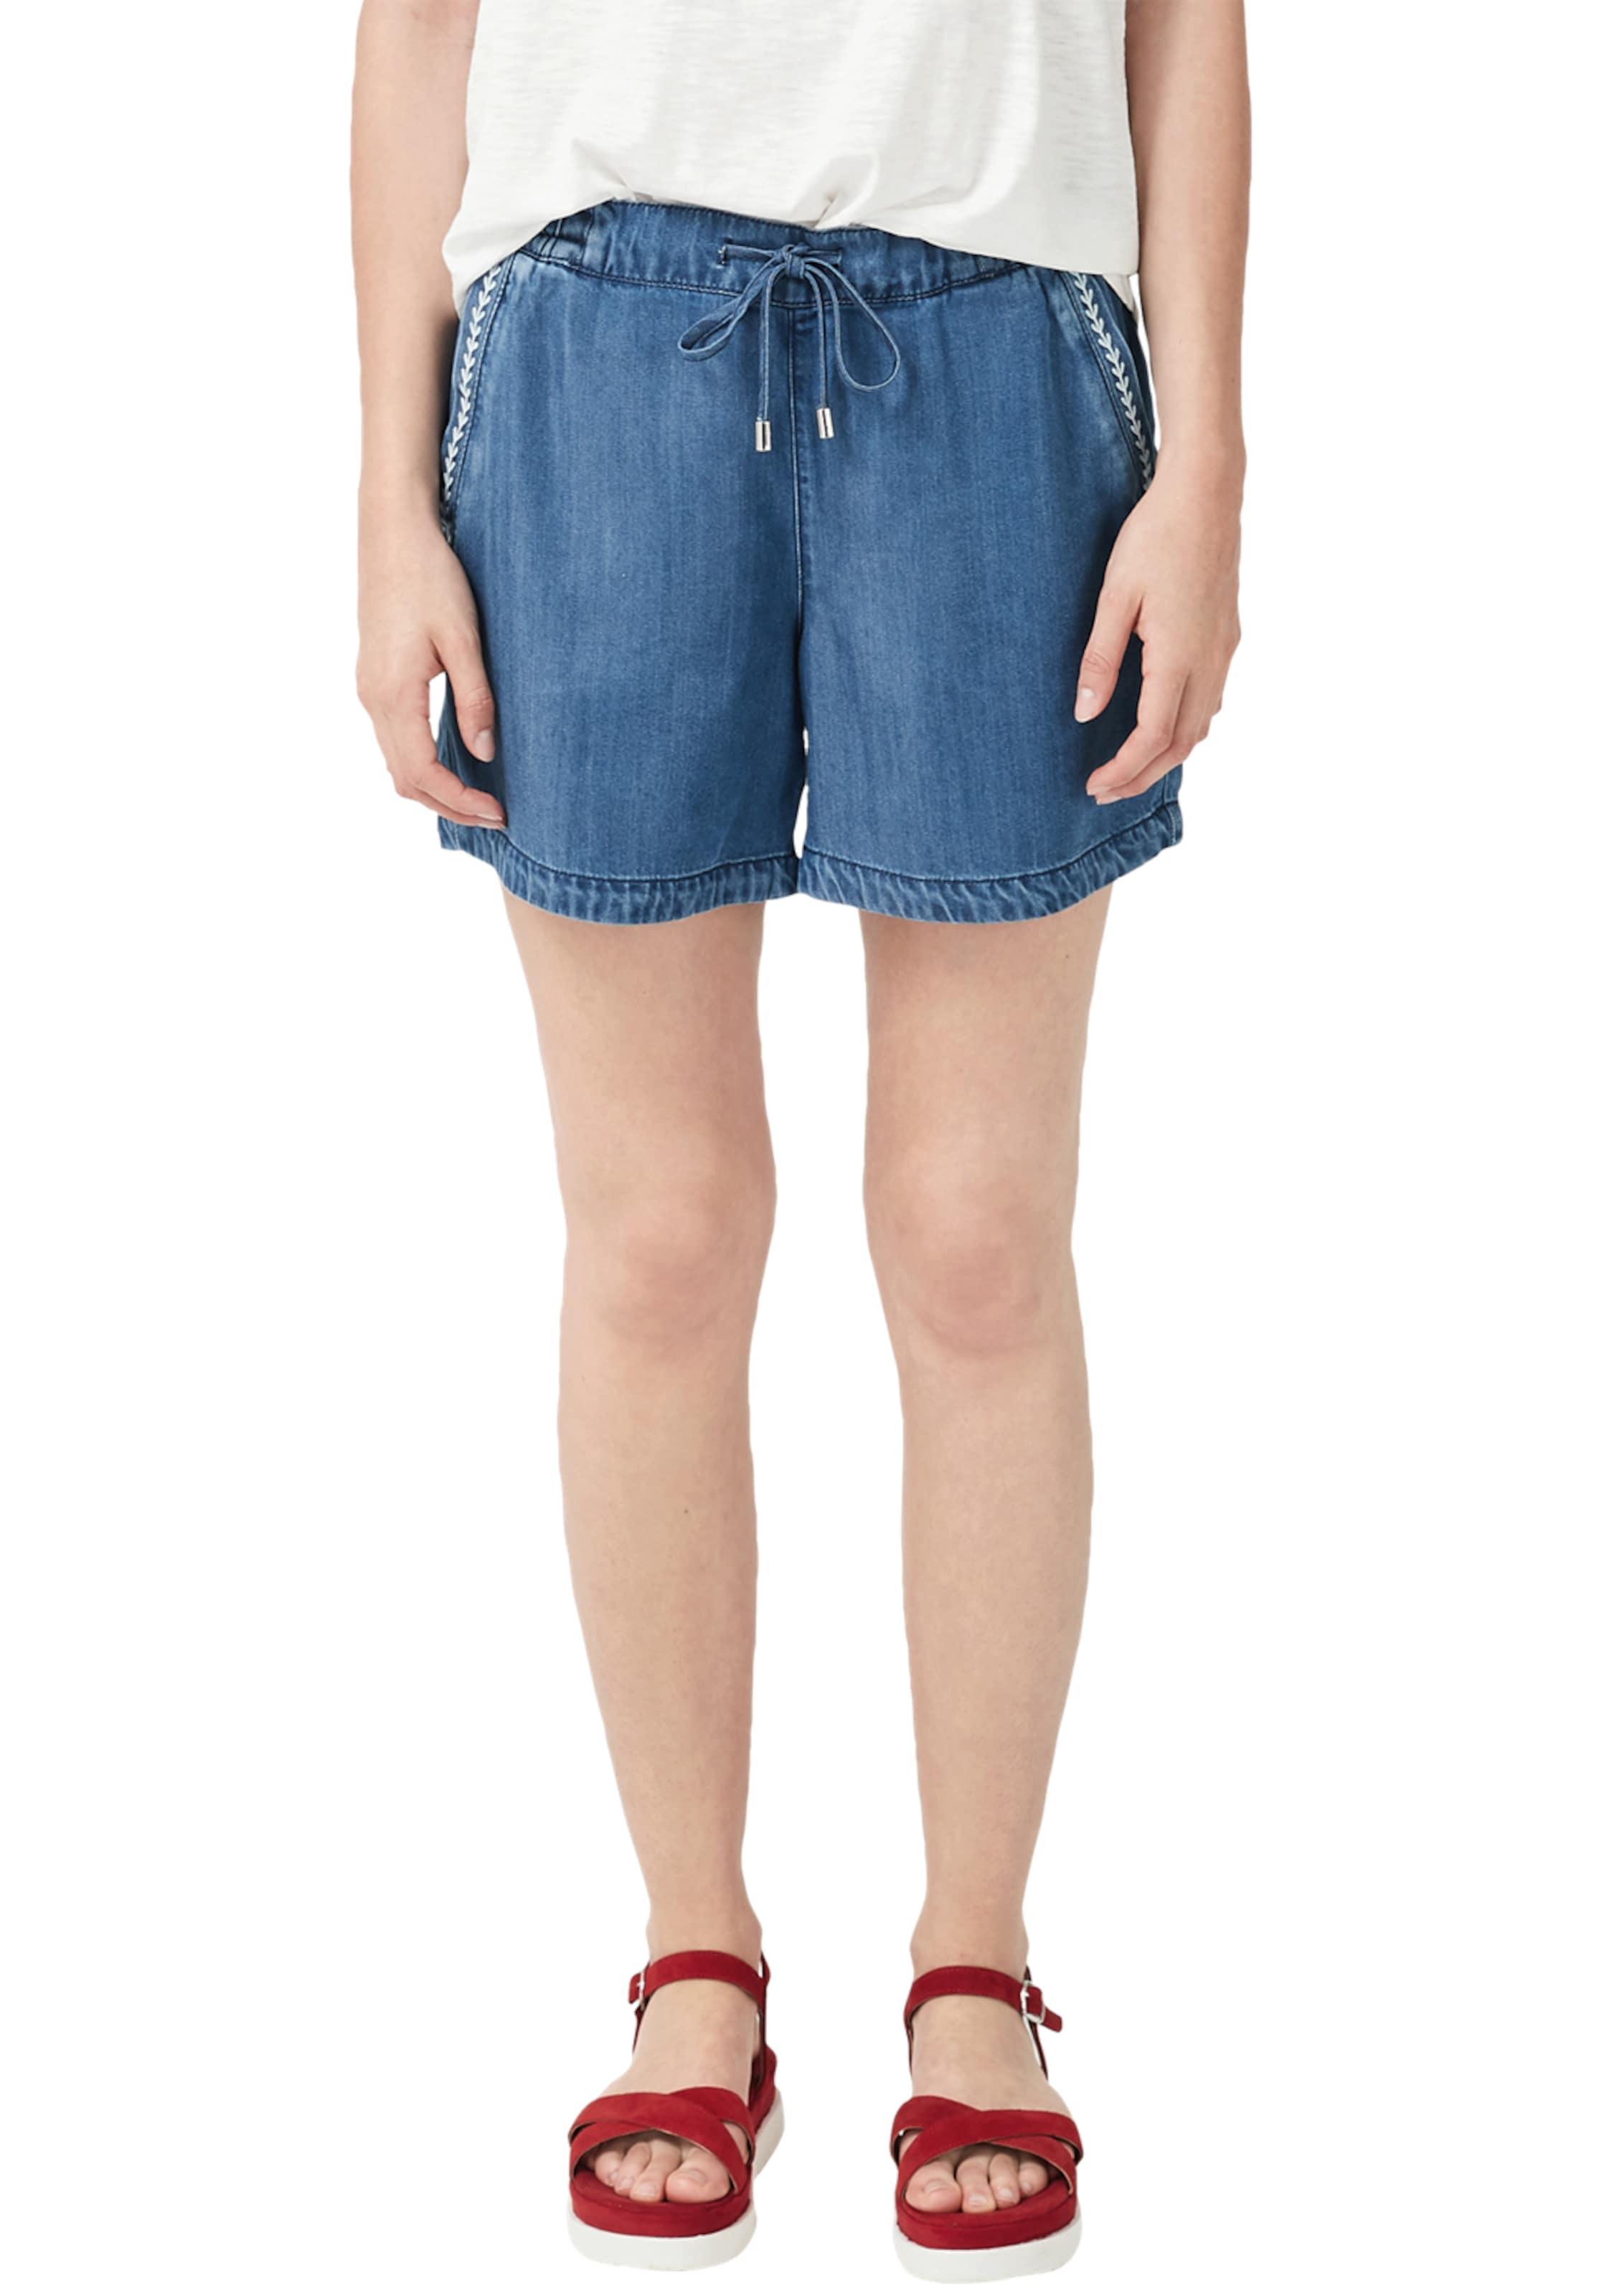 Blue In oliver Shorts S DenimWeiß nP8wO0k